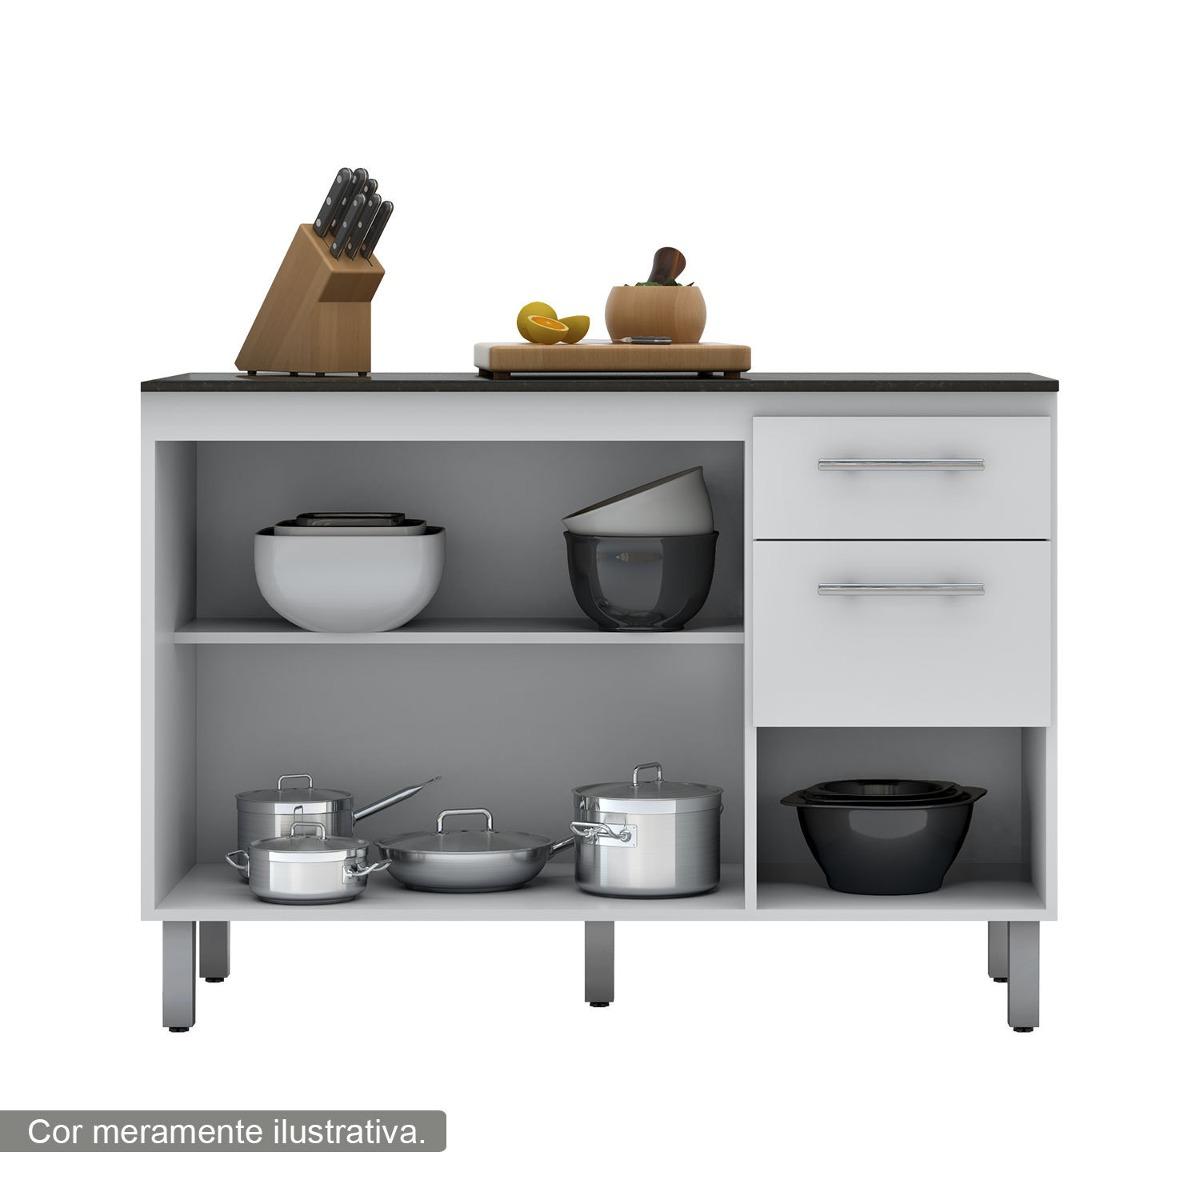 #674B2E Jogo De Cozinha Mdf Modulado Balco Paneleiro Armario Aereo 120101 1200x1200 px Revestimento Para Balcão De Cozinha Americana #1007 imagens